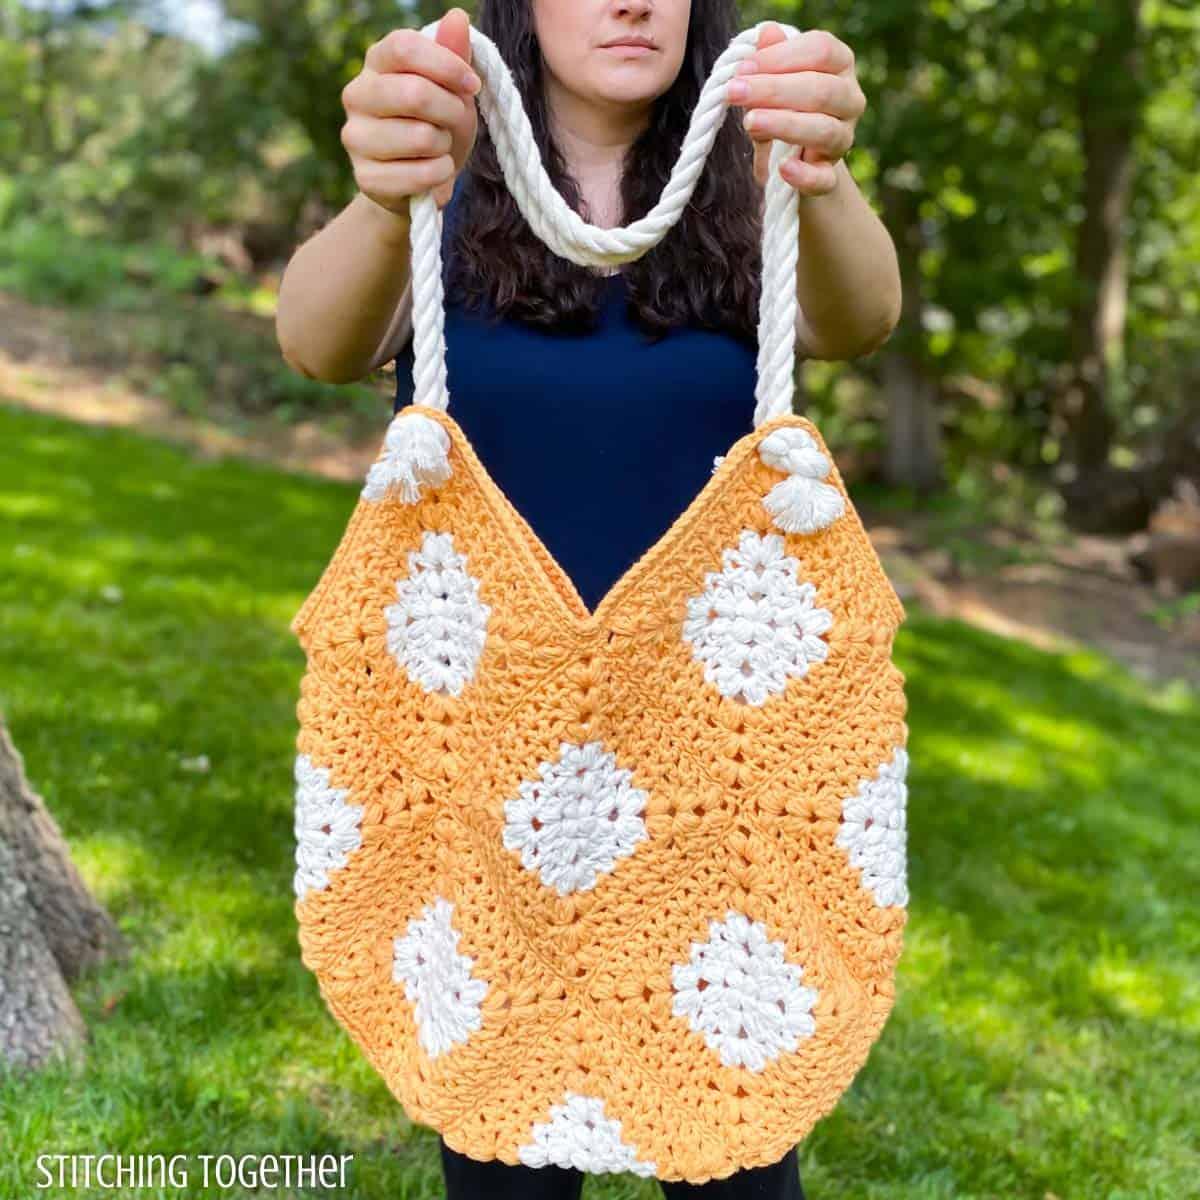 lady holding orange and white crochet market bag